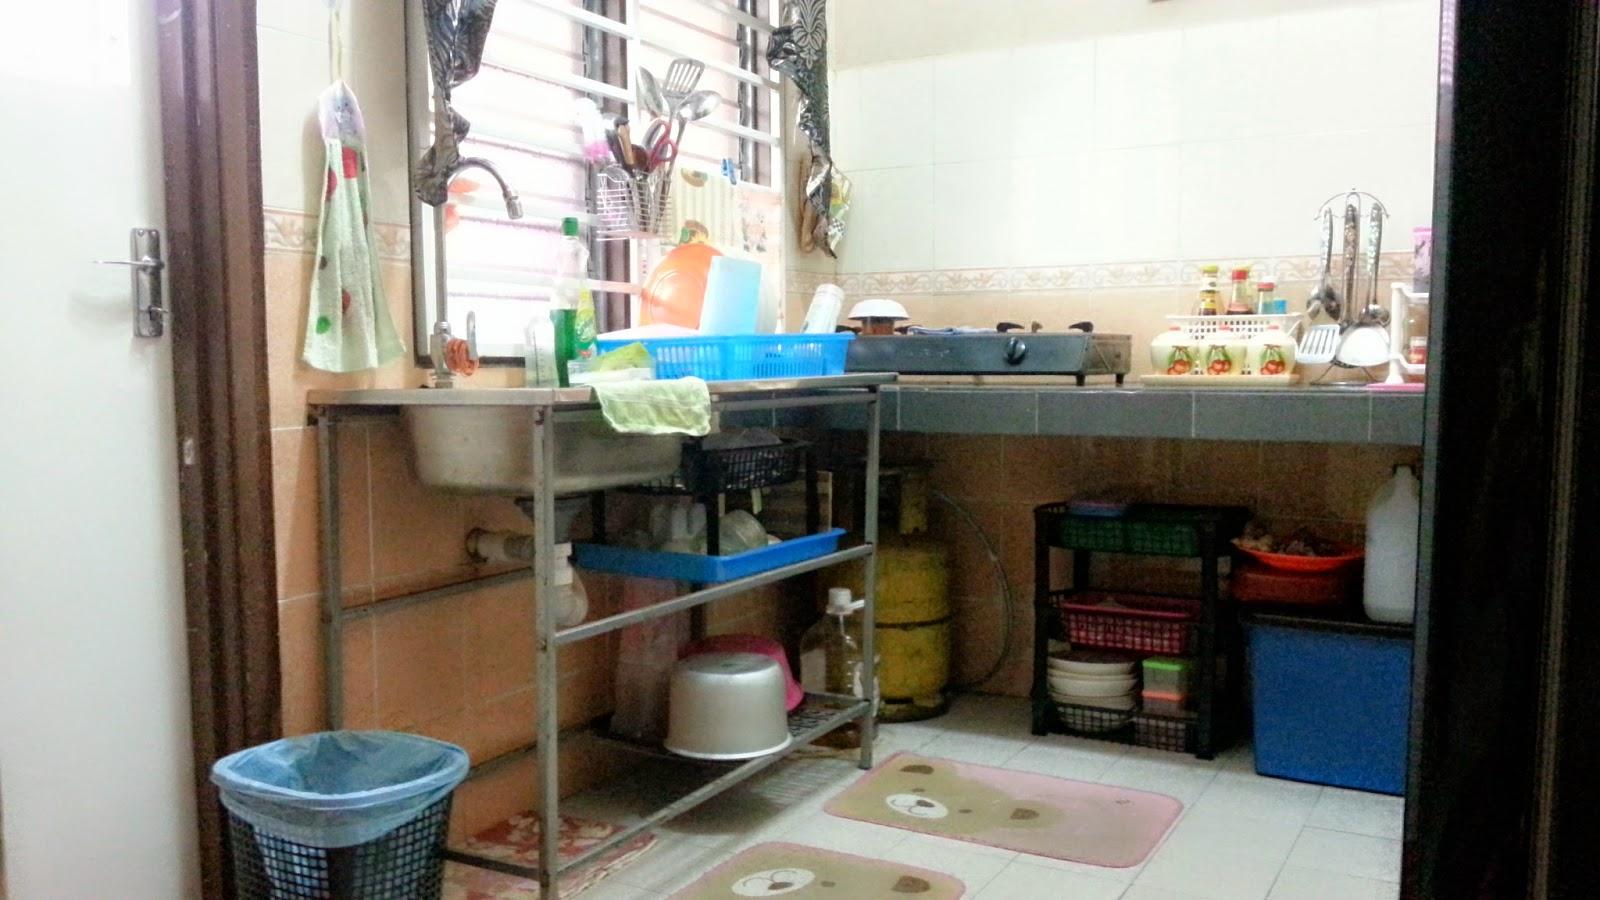 Ni Plak Ruang Atas Sinki Letak Pinggan Yang Guna Harian Sebab 4 Orang Maka Ade Laaa Plastik Tu Untuk Fariezal Makan Biskut